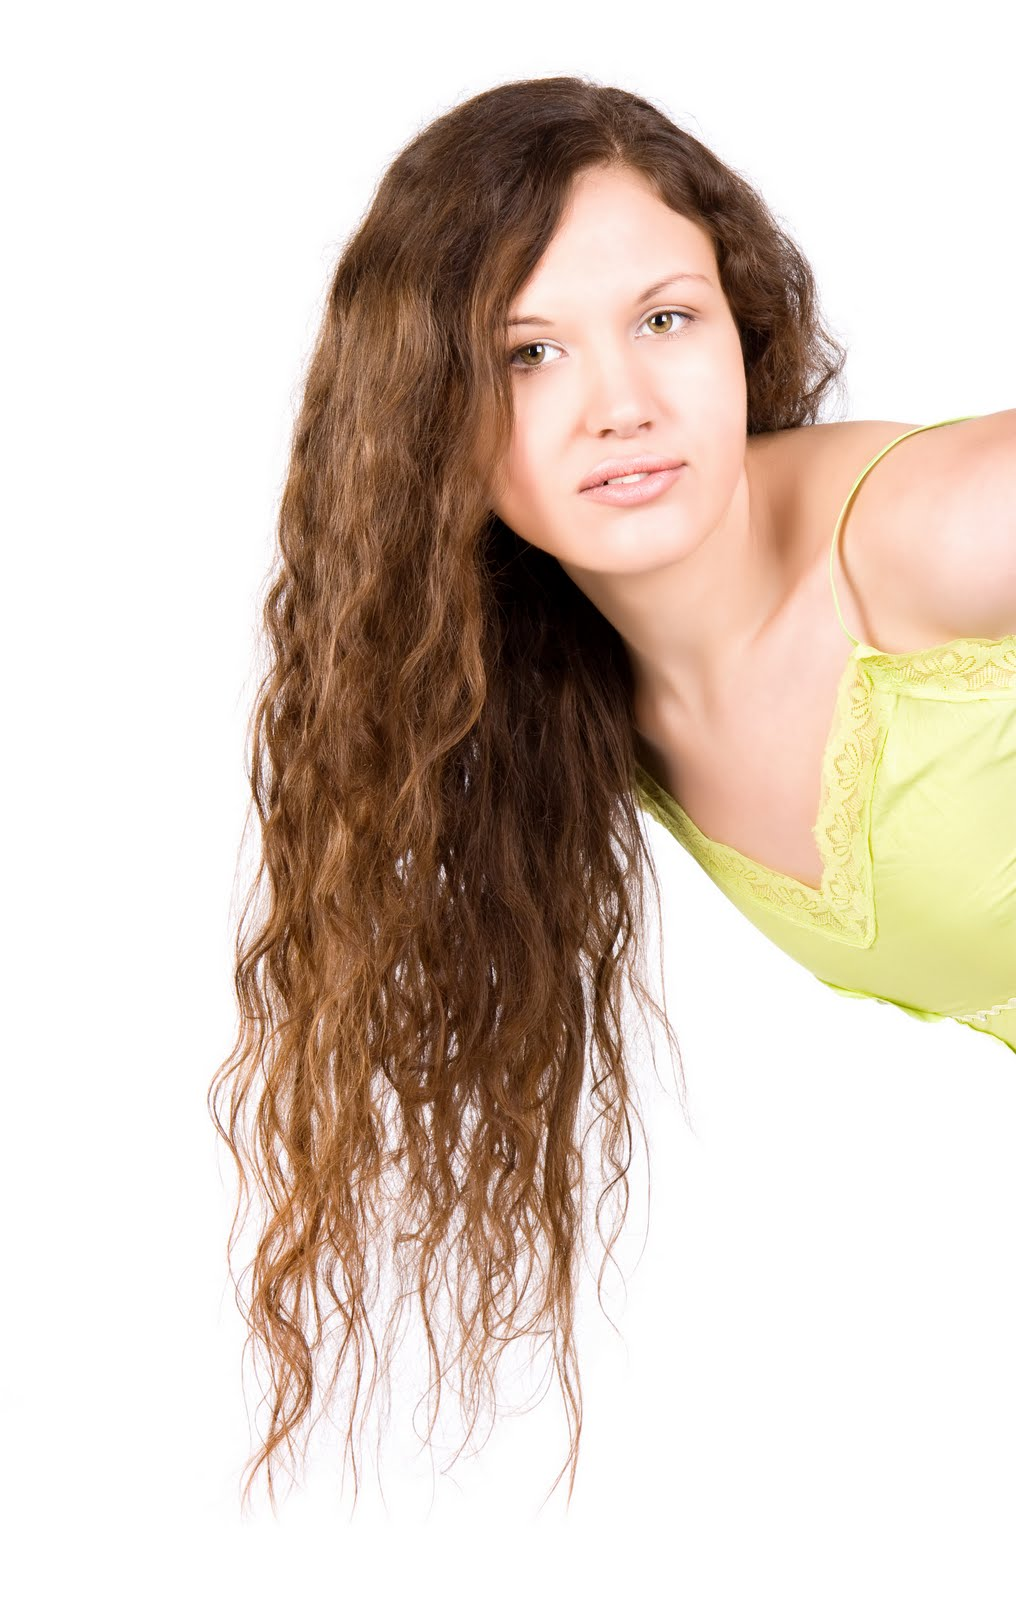 cheveux boucl s l 39 huile d 39 olive pour faire pousser les cheveux. Black Bedroom Furniture Sets. Home Design Ideas